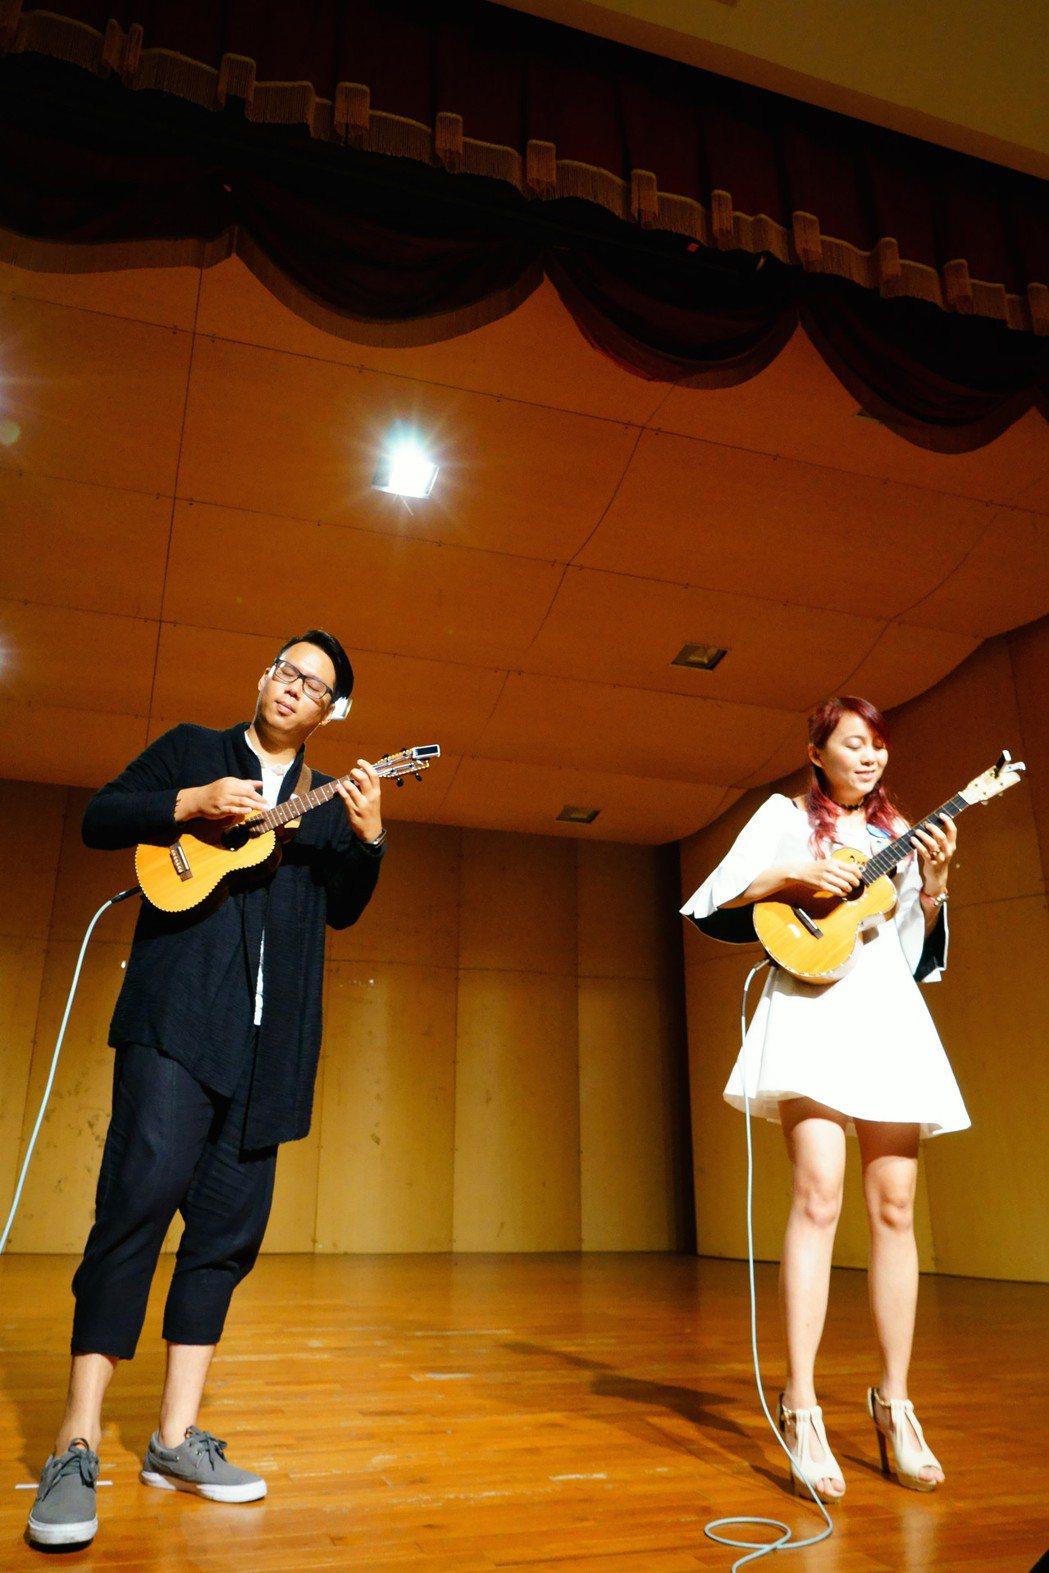 「星願」烏克麗麗樂團入圍夏威夷的音樂大獎。圖/星願烏克麗麗樂團提供